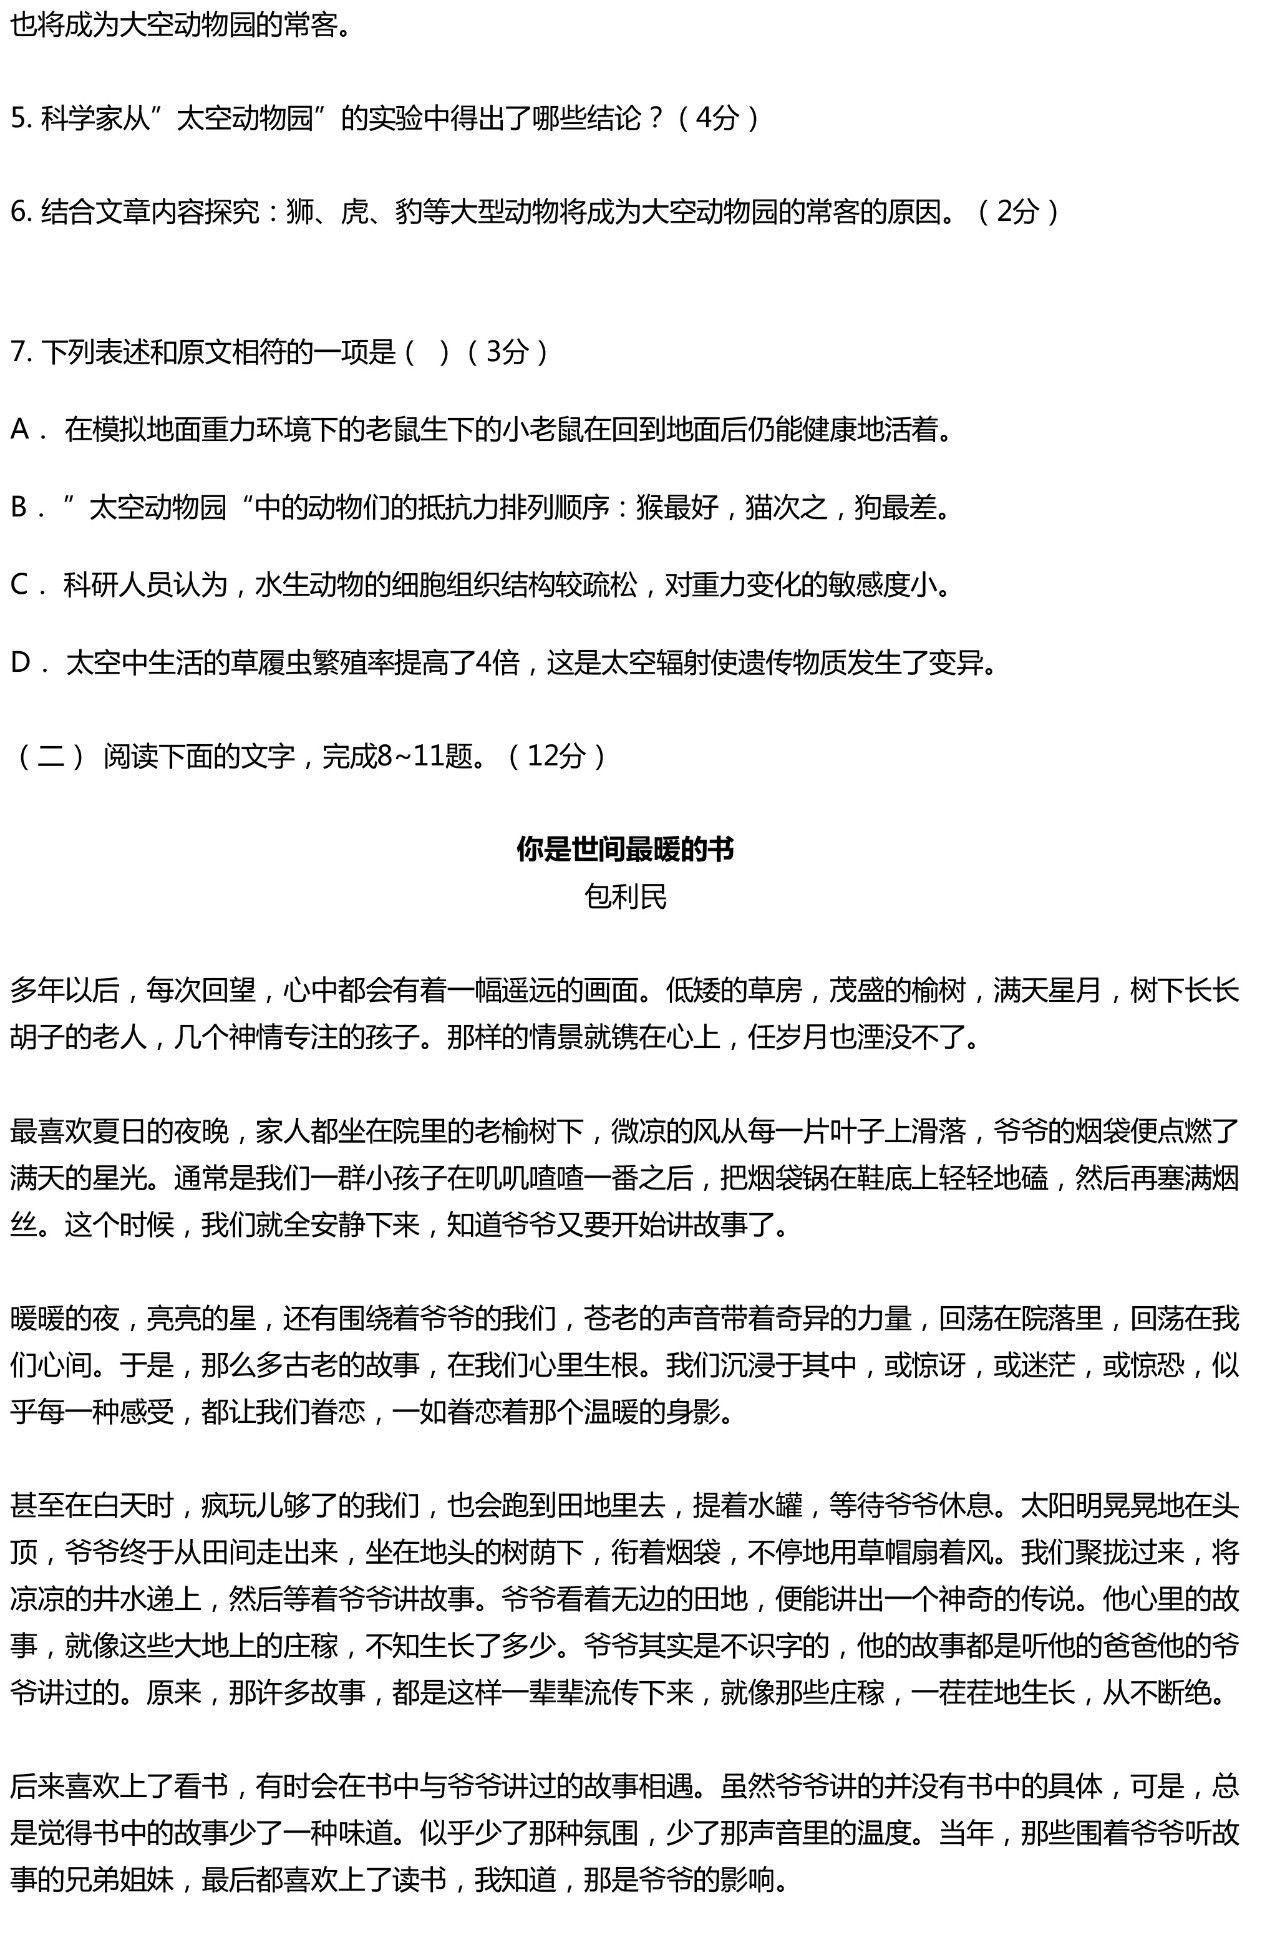 高新一中12月29日6校联考校考试题语文